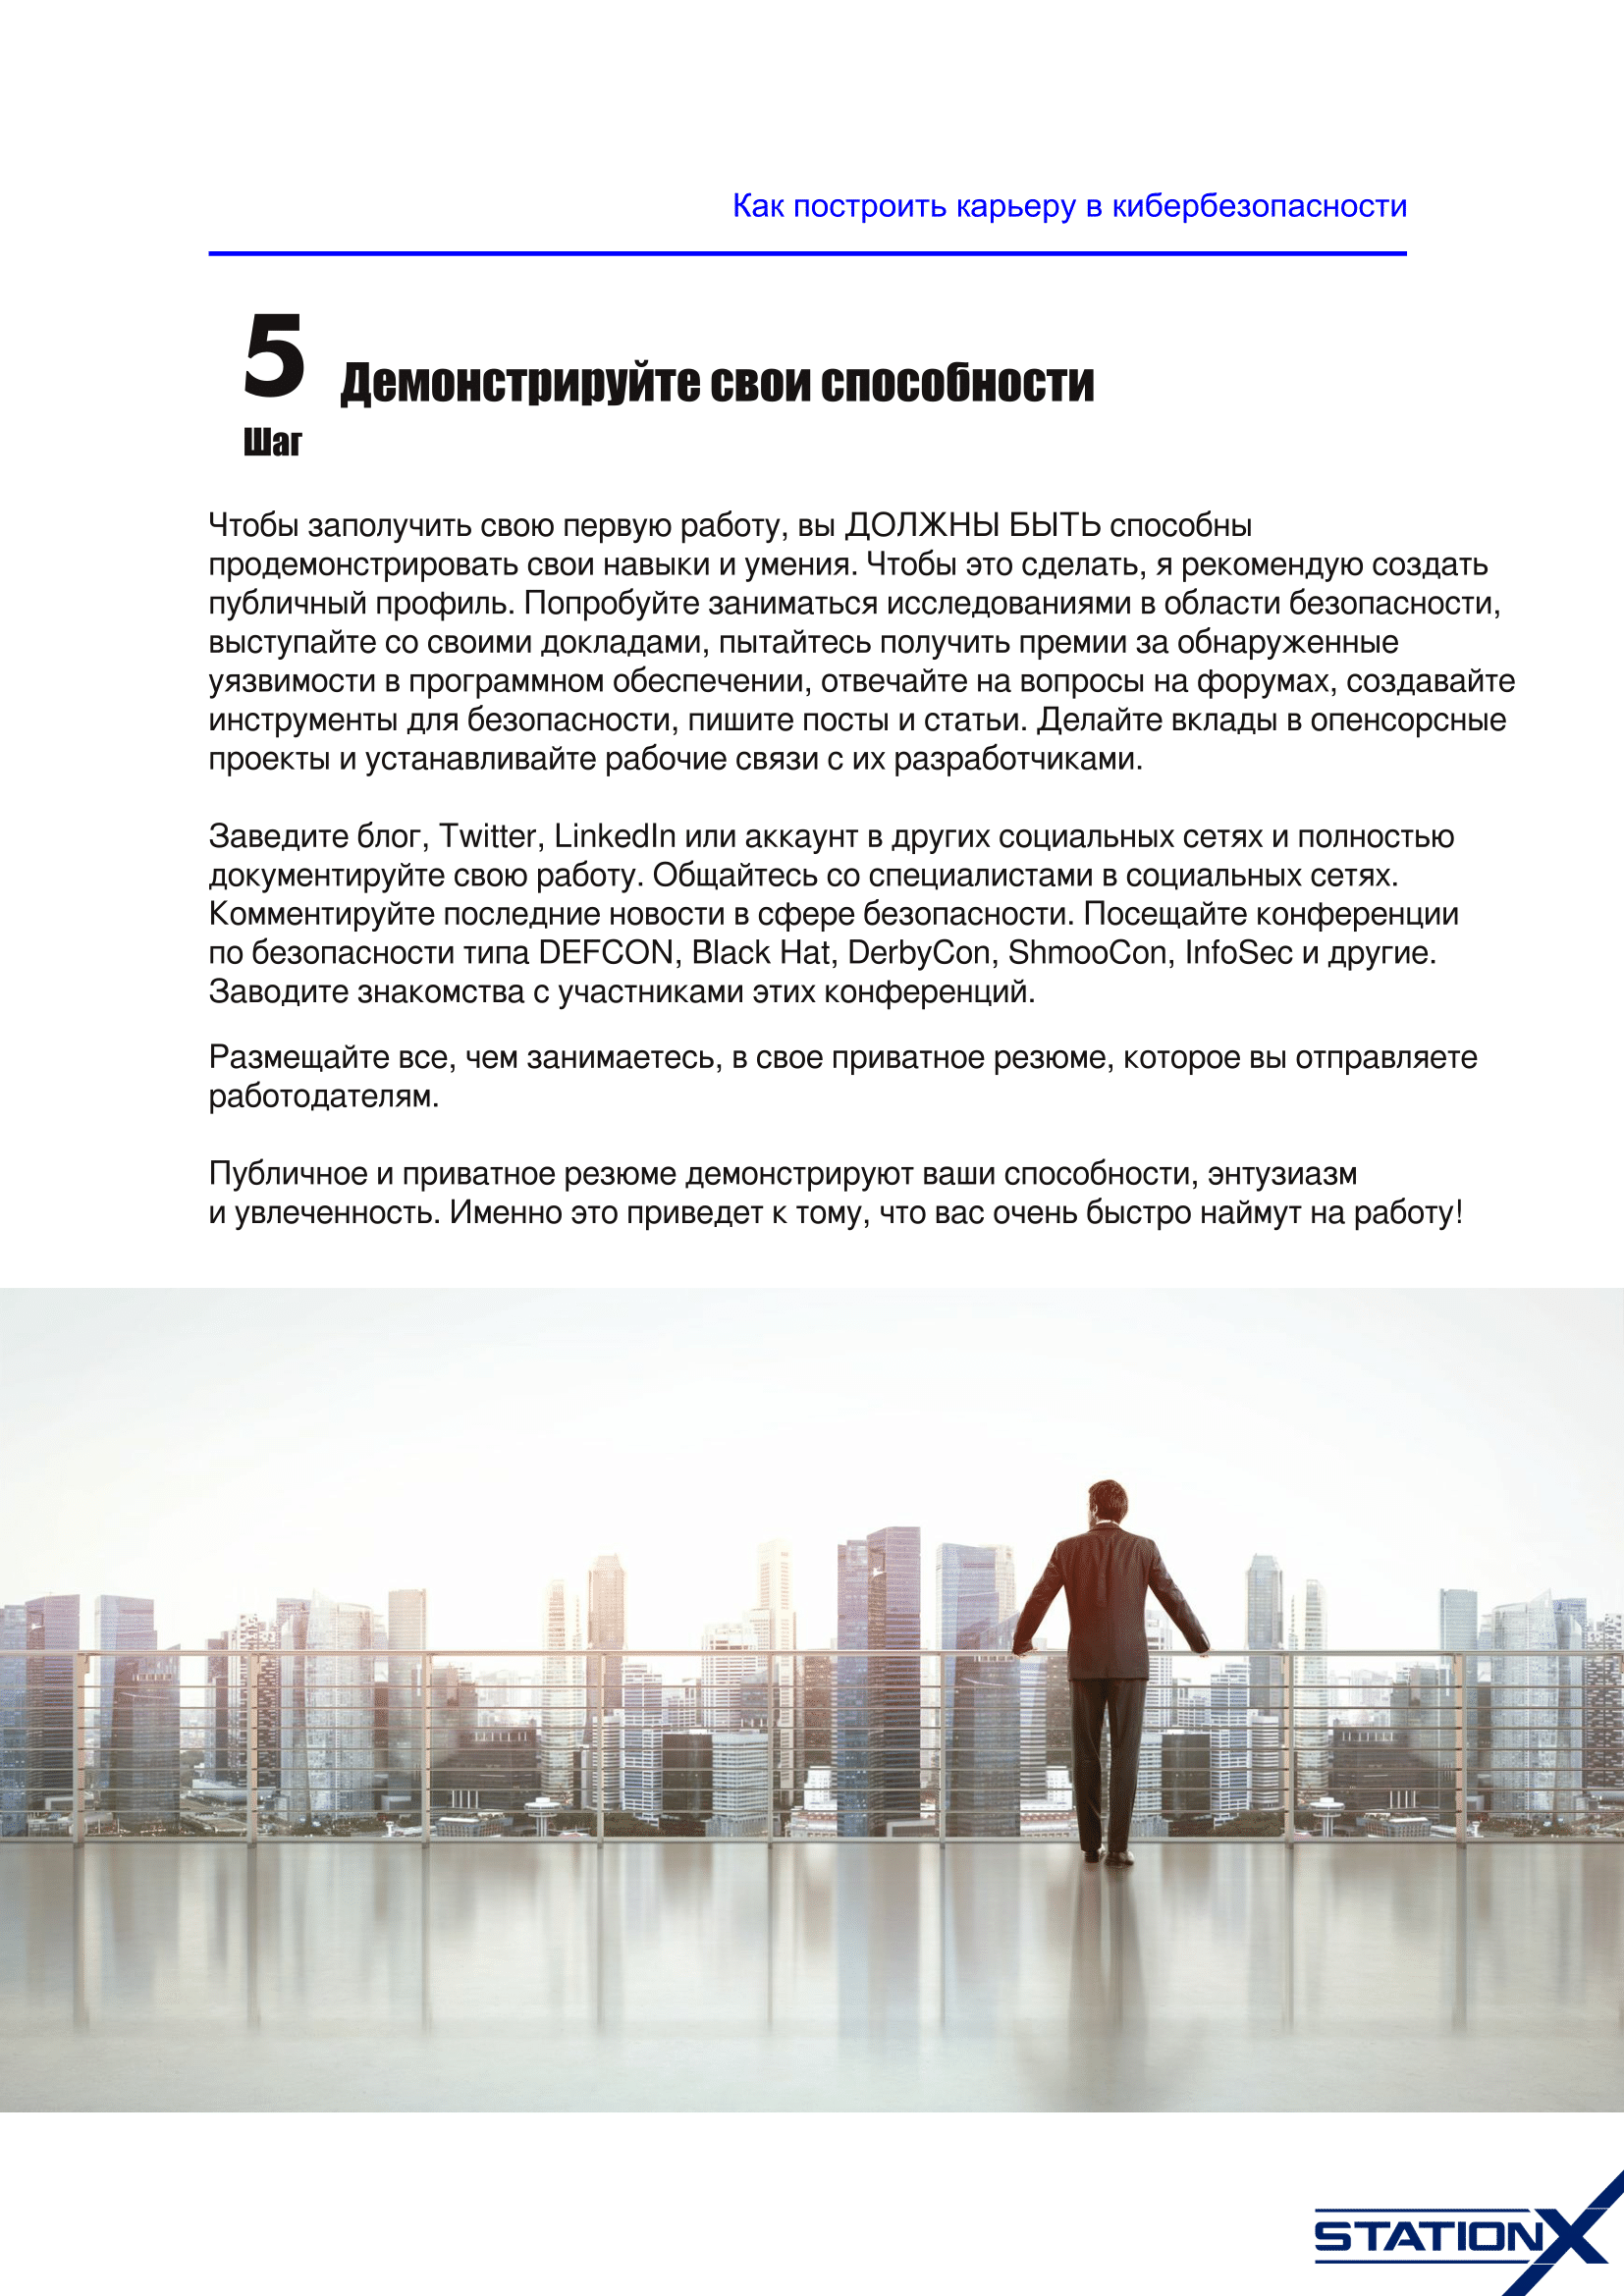 Как построить карьеру в кибербезопасности-6.png